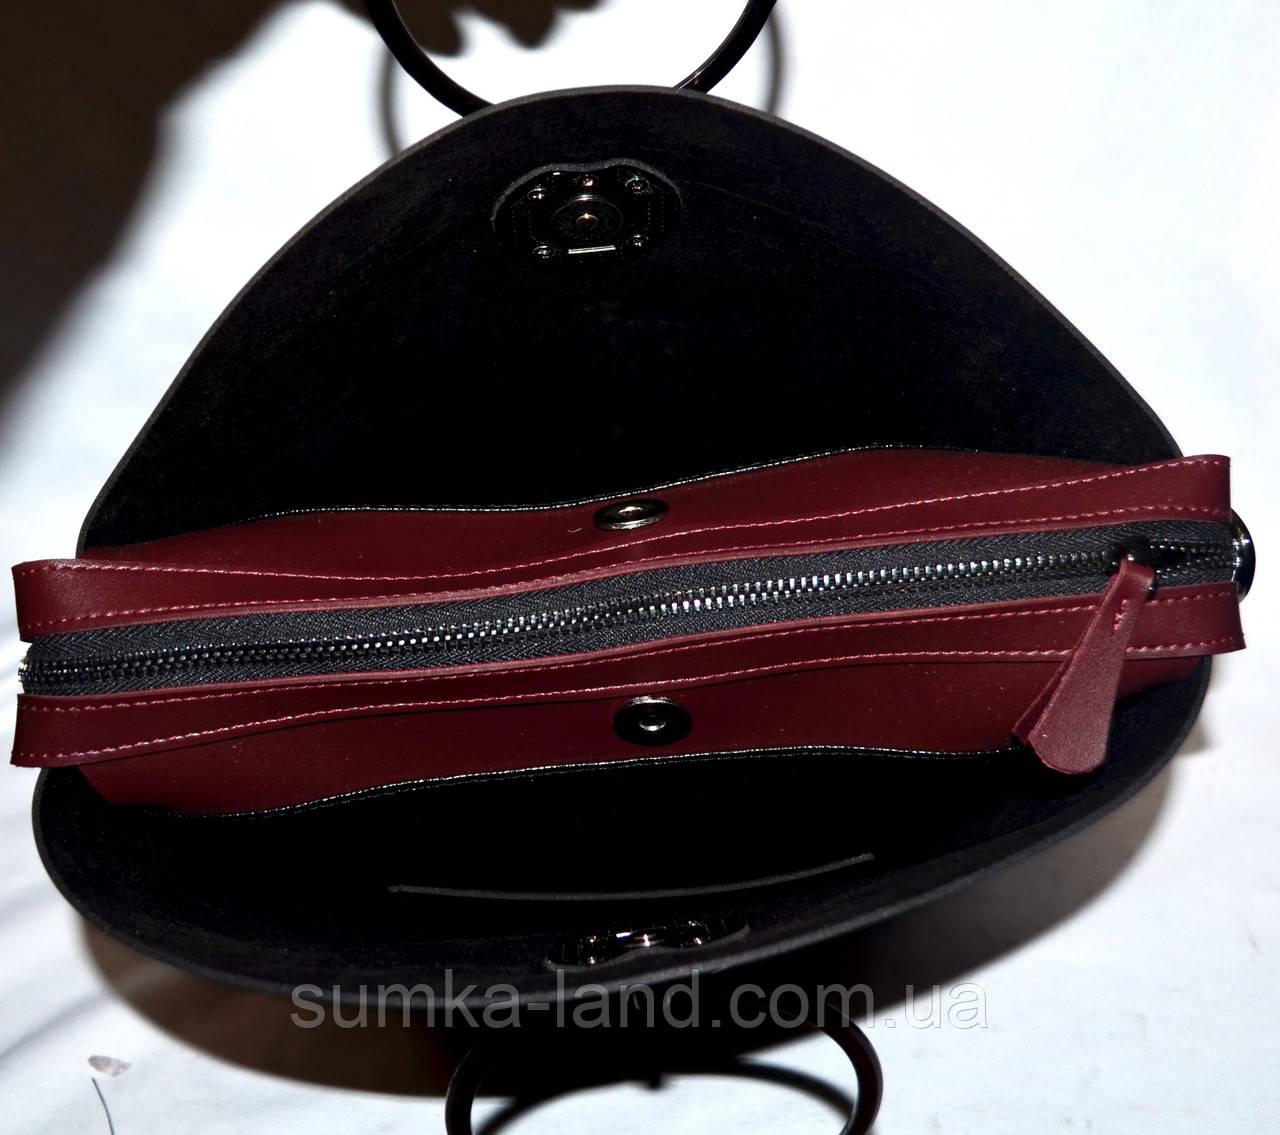 f8e29e55d3db Женская пудровая сумка Michael Kors с металлическими круглыми ручками  27 24, ...